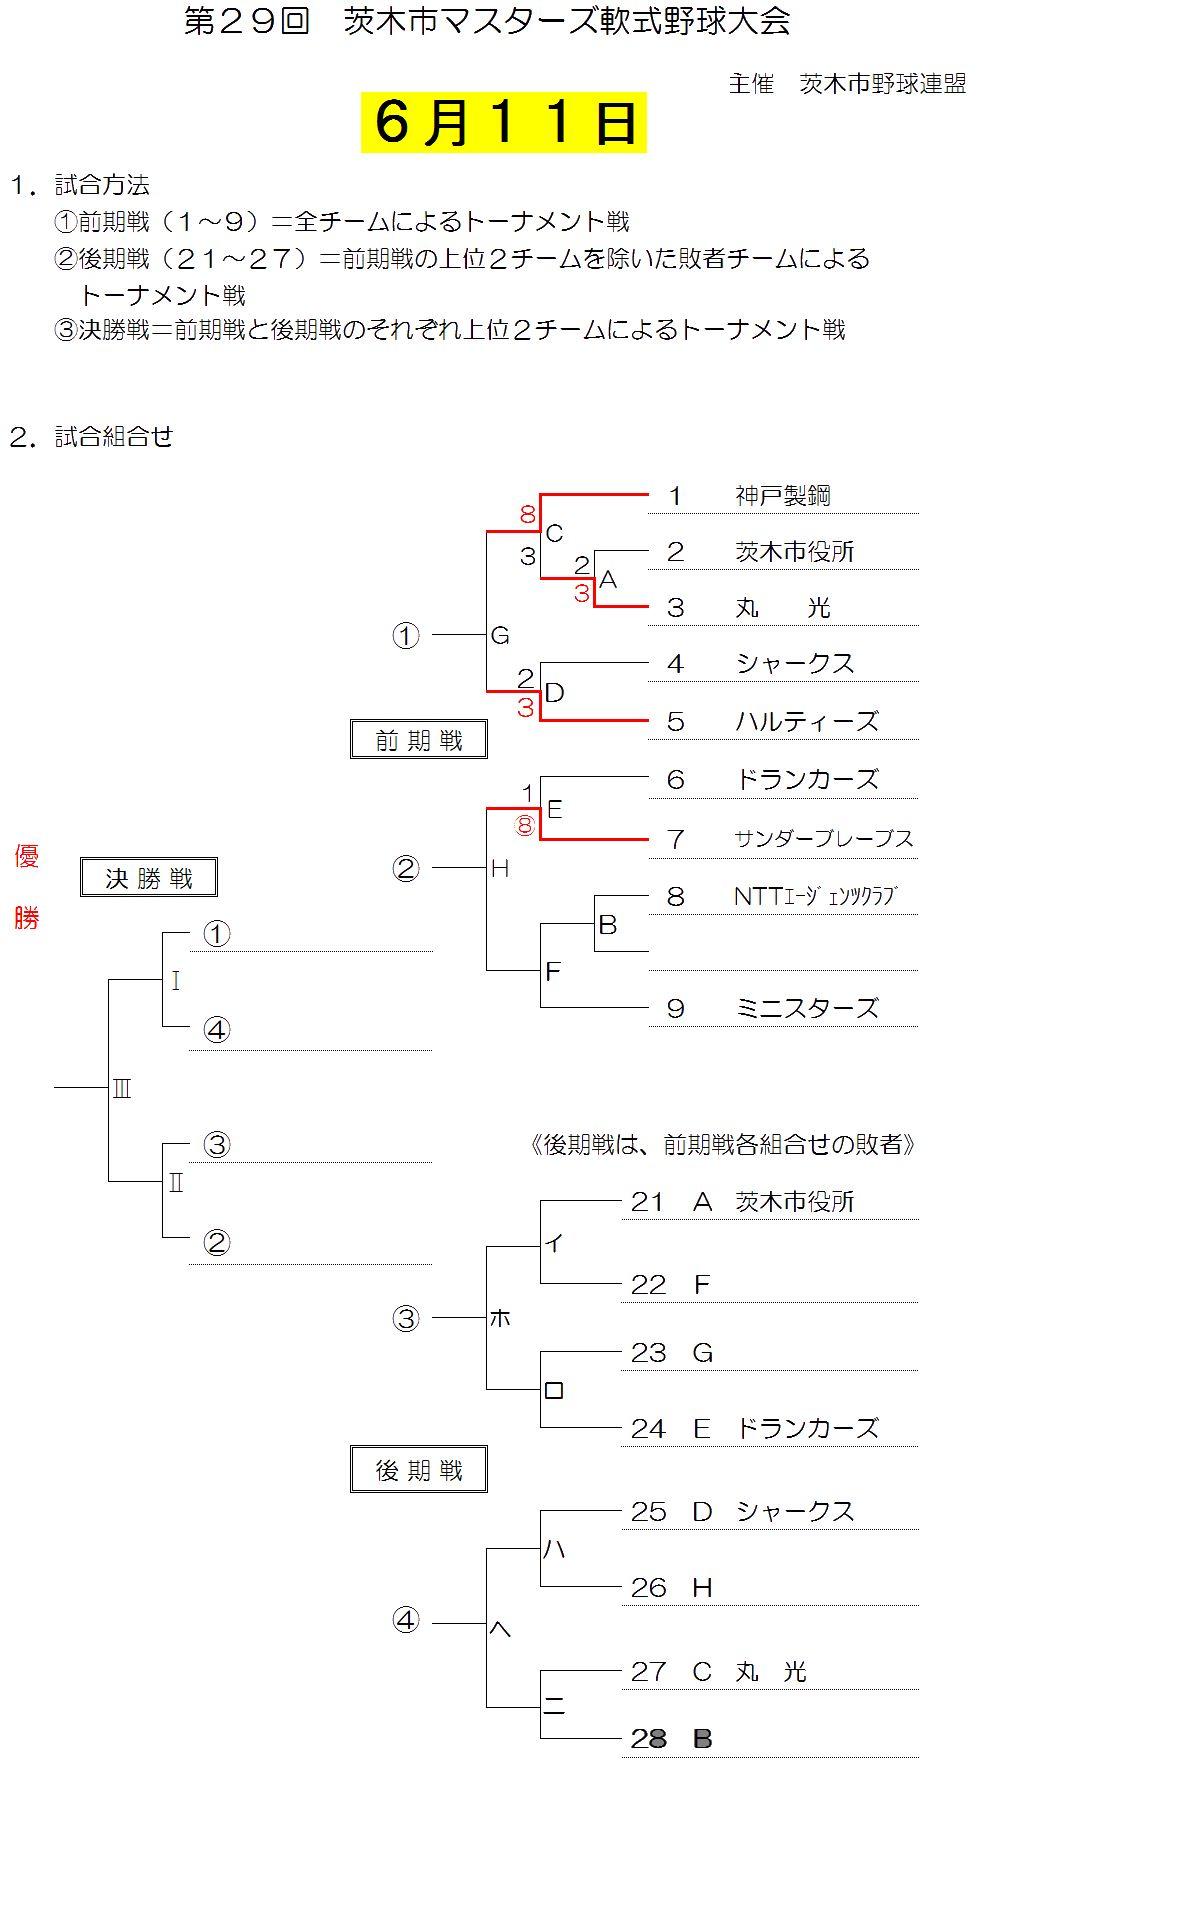 6月11日試合結果 壮年290611